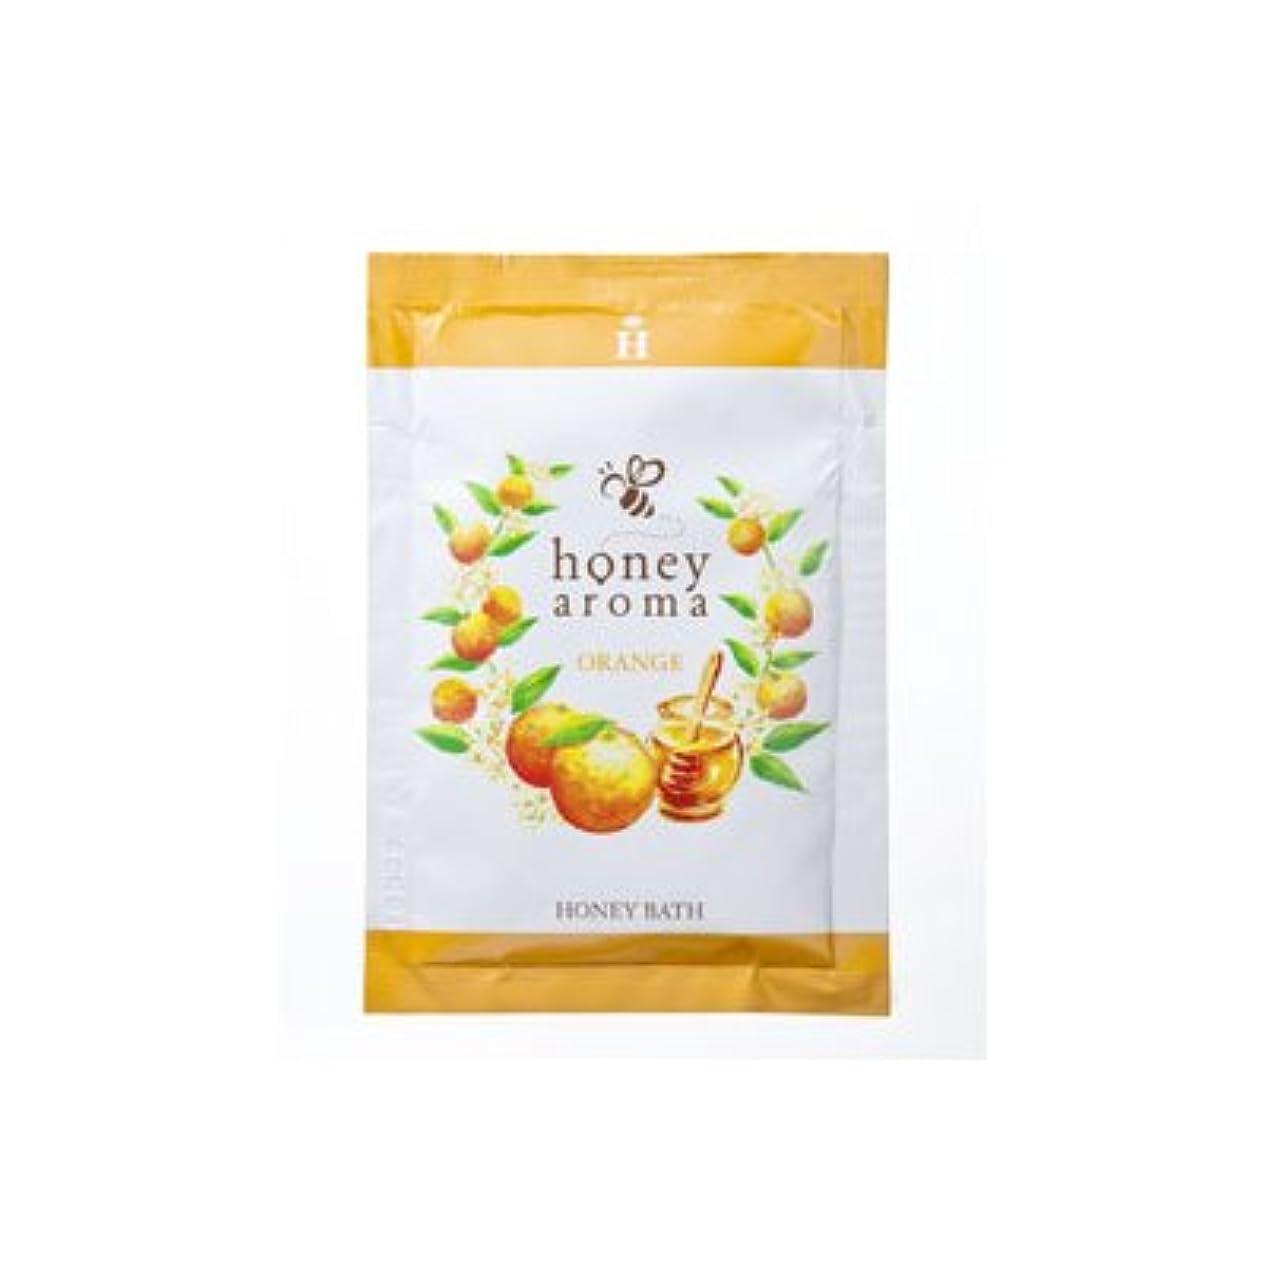 老人参照するスツールハニーアロマ ハニーバス(入浴剤) 5包(オレンジの香り)